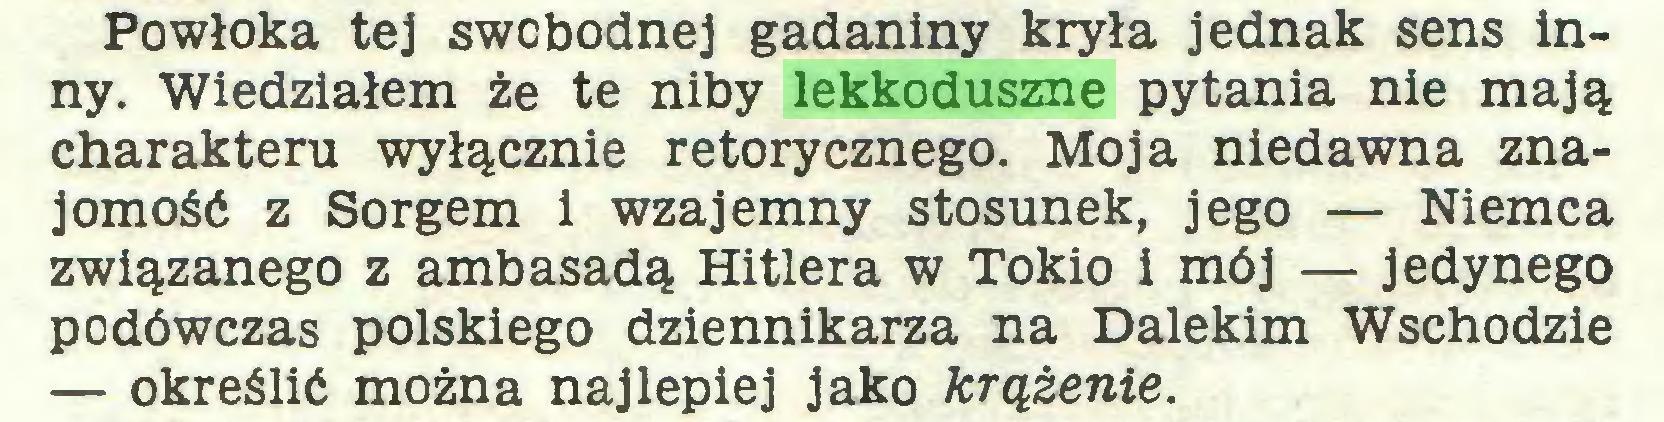 (...) Powłoka tej swobodnej gadaniny kryła jednak sens inny. Wiedziałem że te niby lekkoduszne pytania nie mają charakteru wyłącznie retorycznego. Moja niedawna znajomość z Sorgem i wzajemny stosunek, jego — Niemca związanego z ambasadą Hitlera w Tokio i mój — jedynego podówczas polskiego dziennikarza na Dalekim Wschodzie — określić można najlepiej jako krążenie...